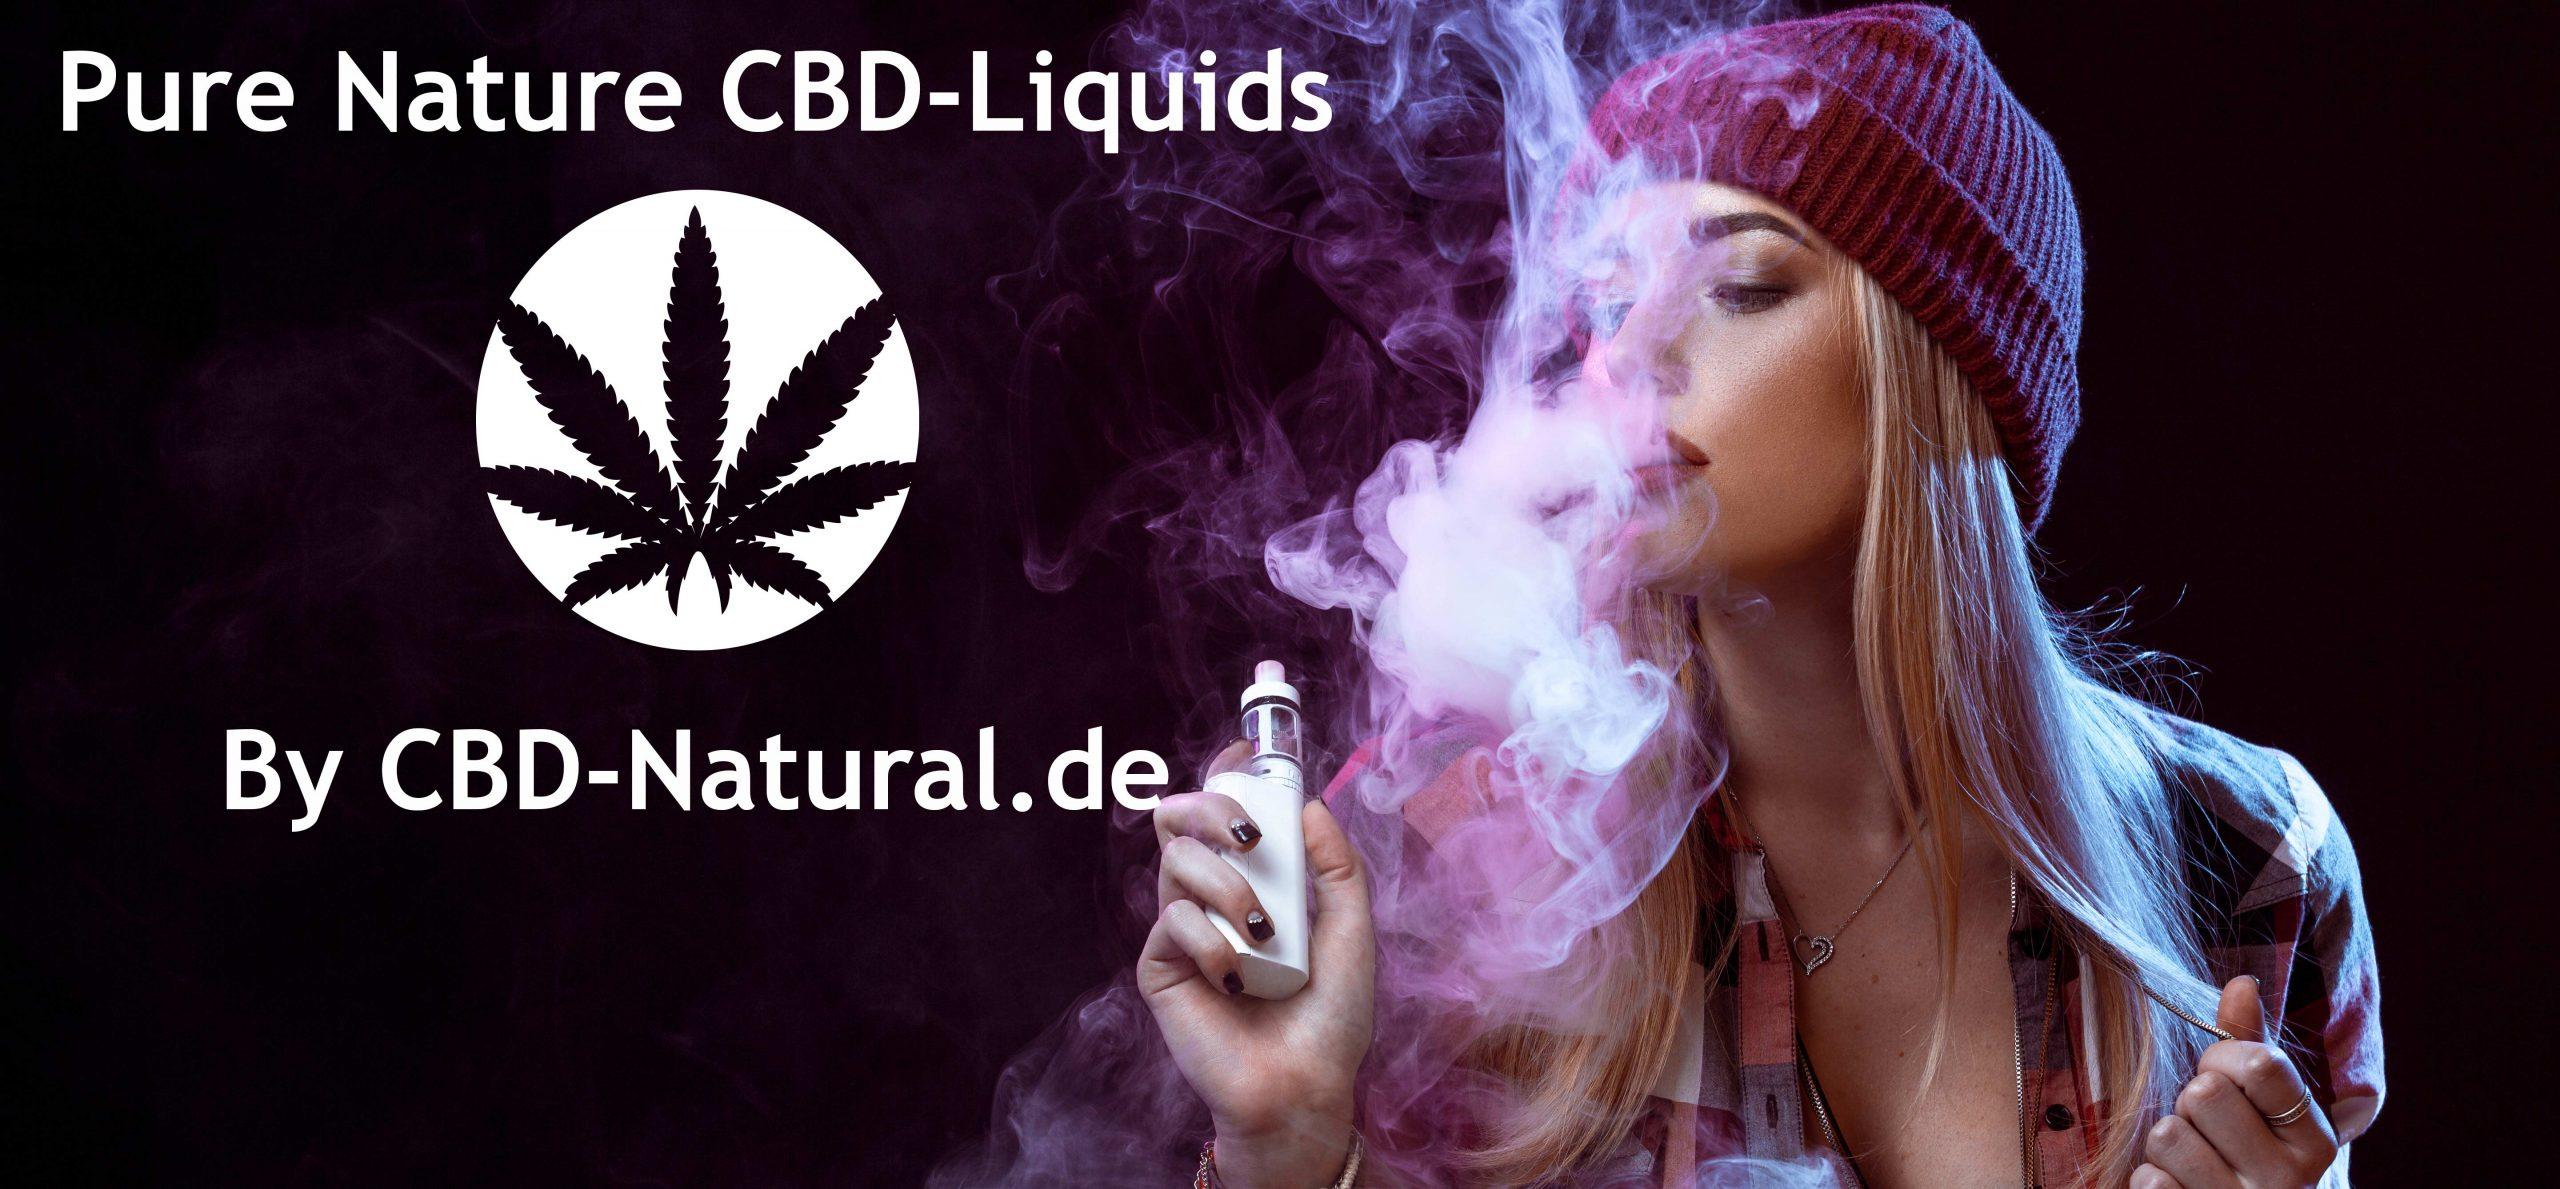 cbd-liquids-cbd-natural